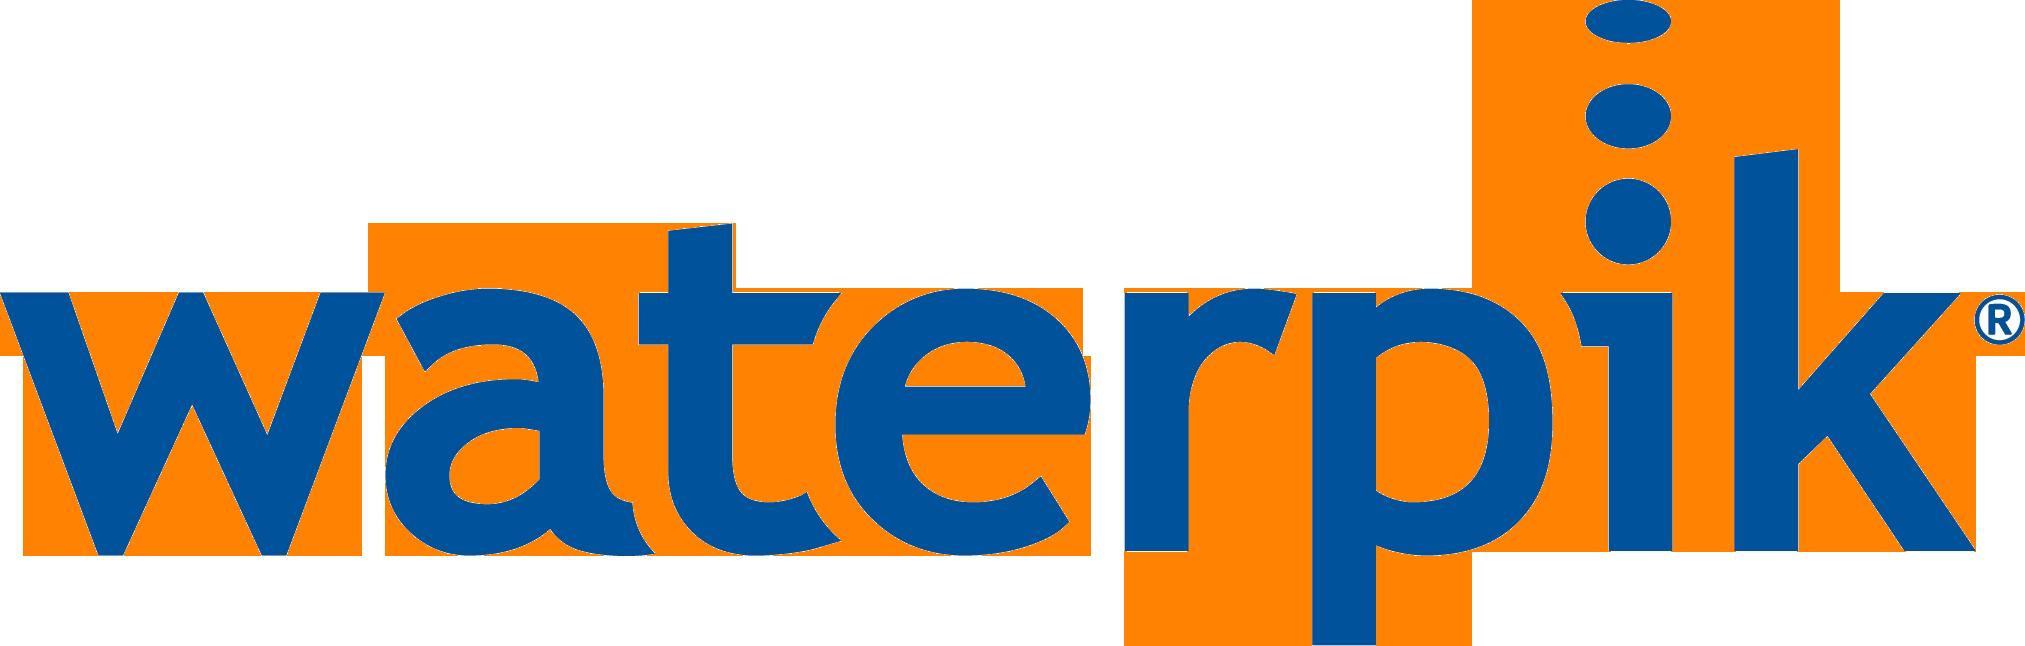 waterpik-blue-logo.png